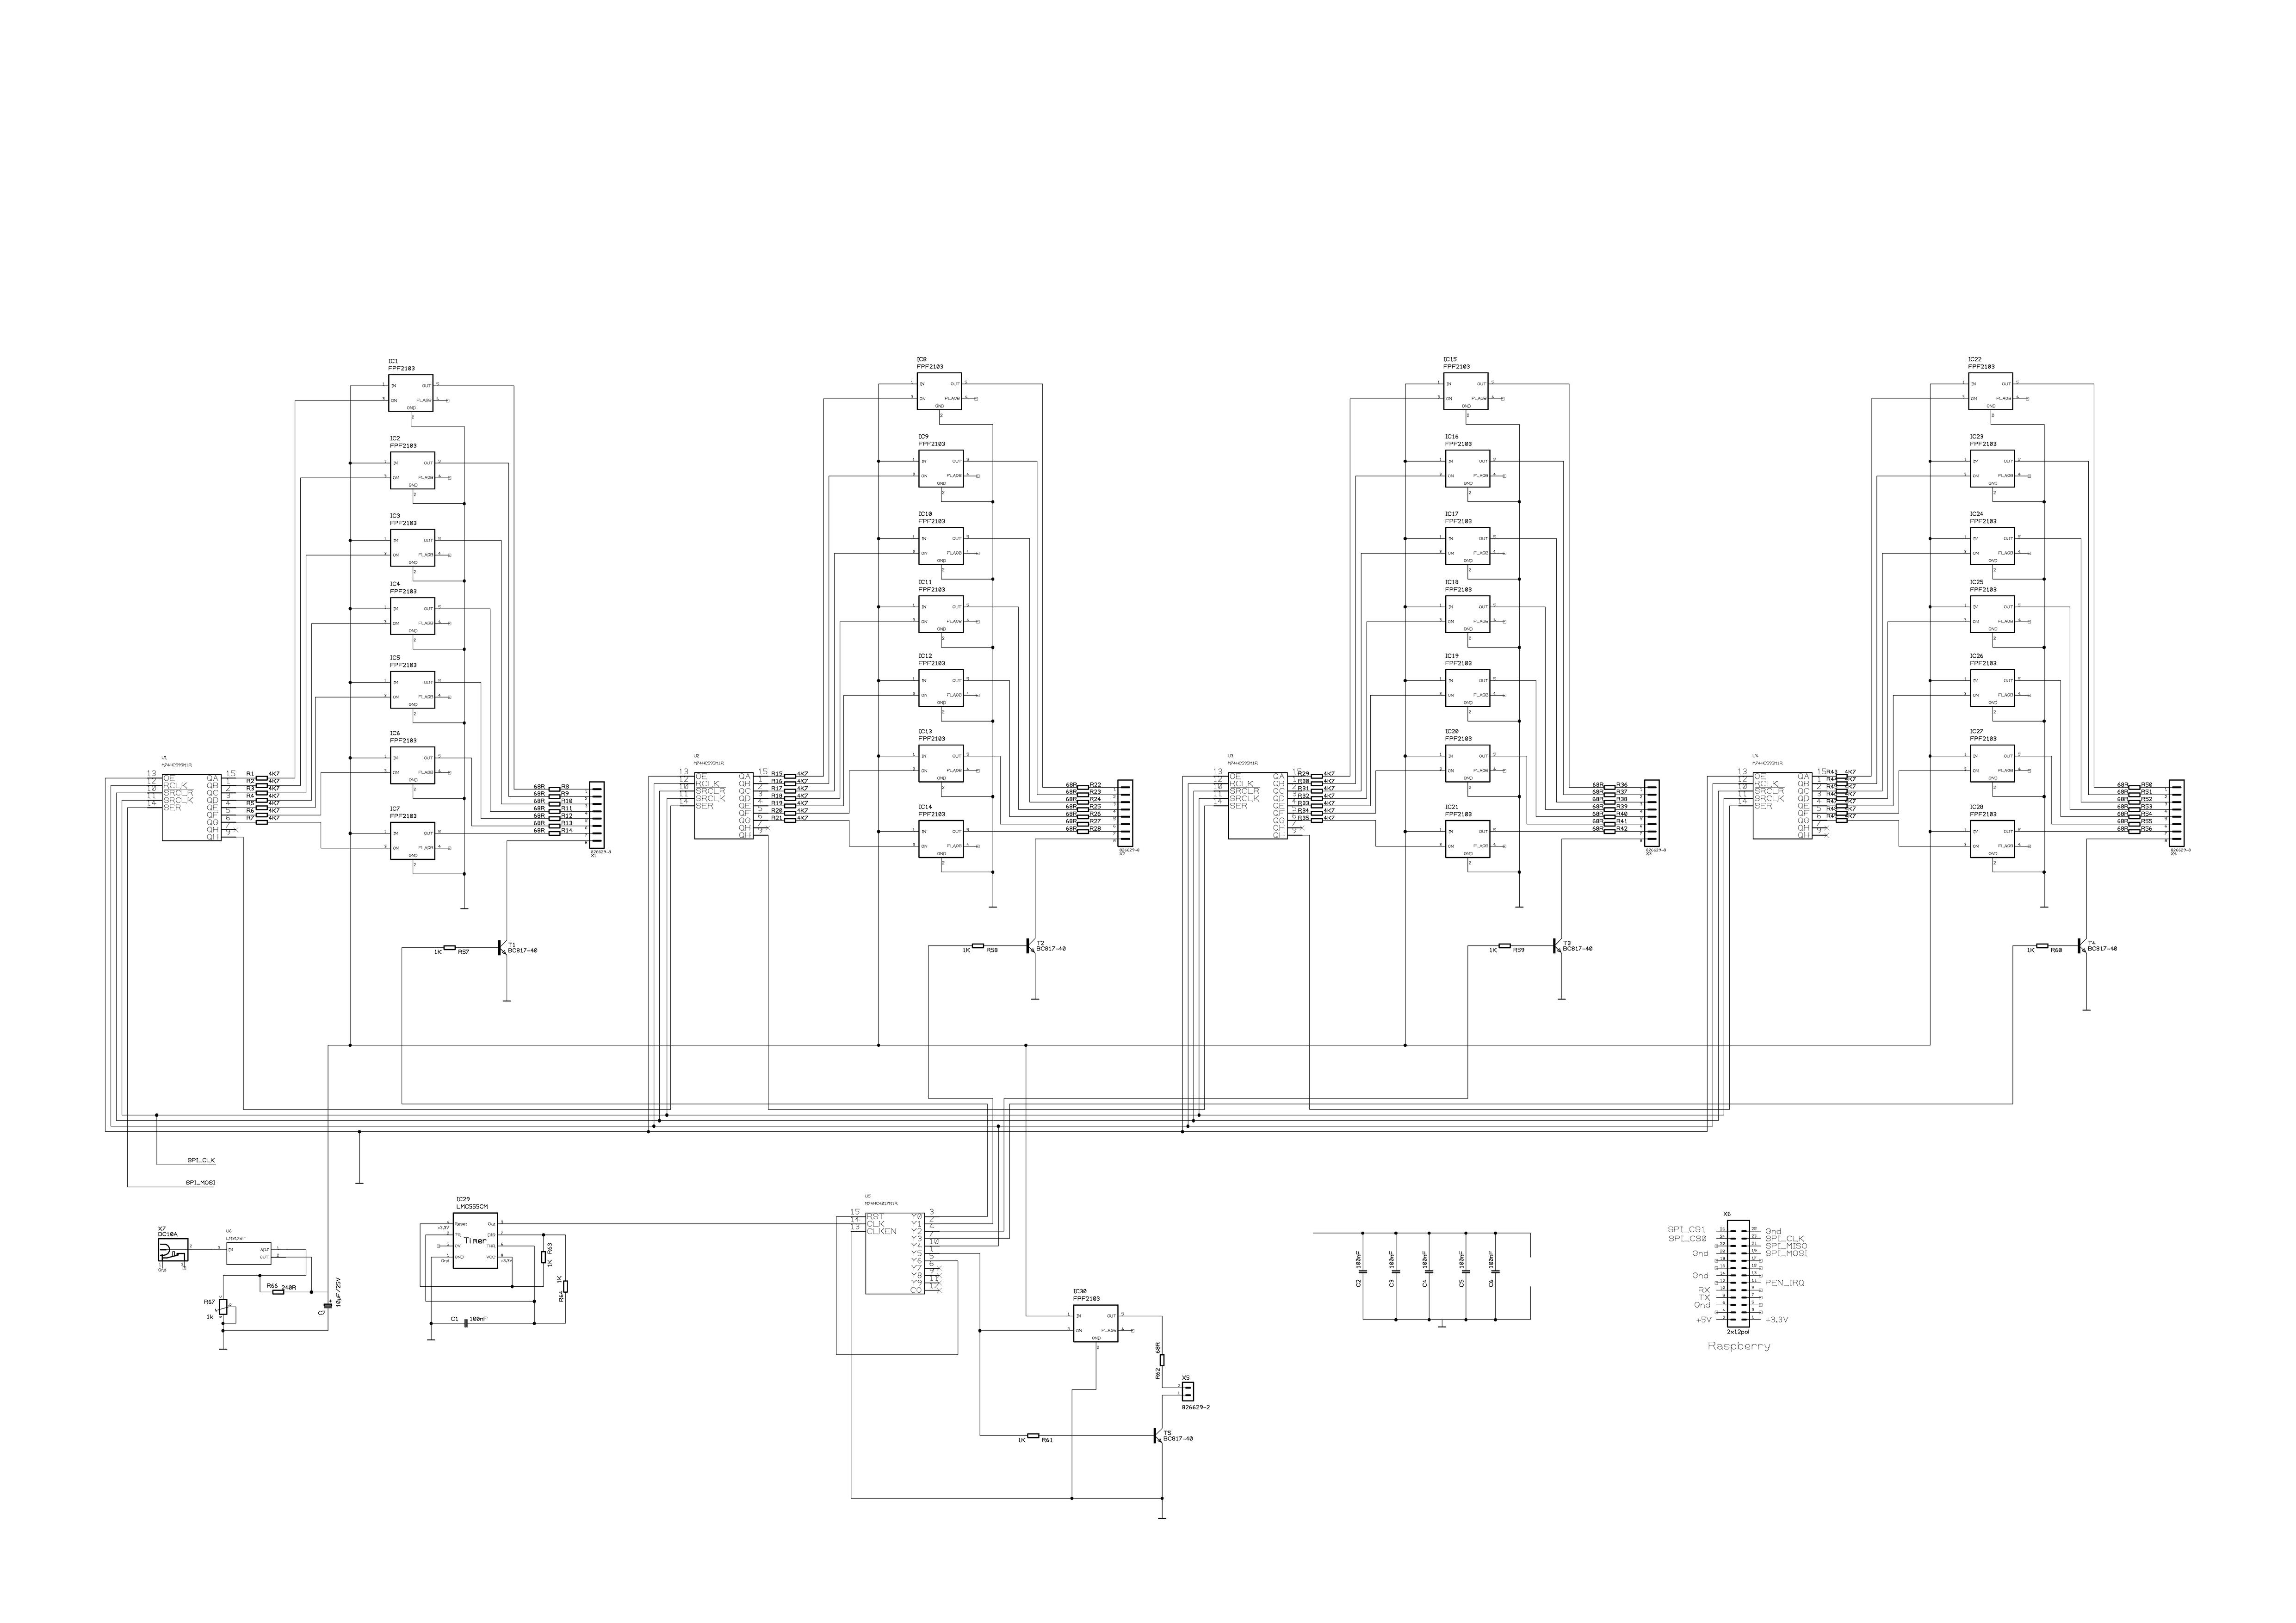 LED-Uhr – Michael Diesterhöft